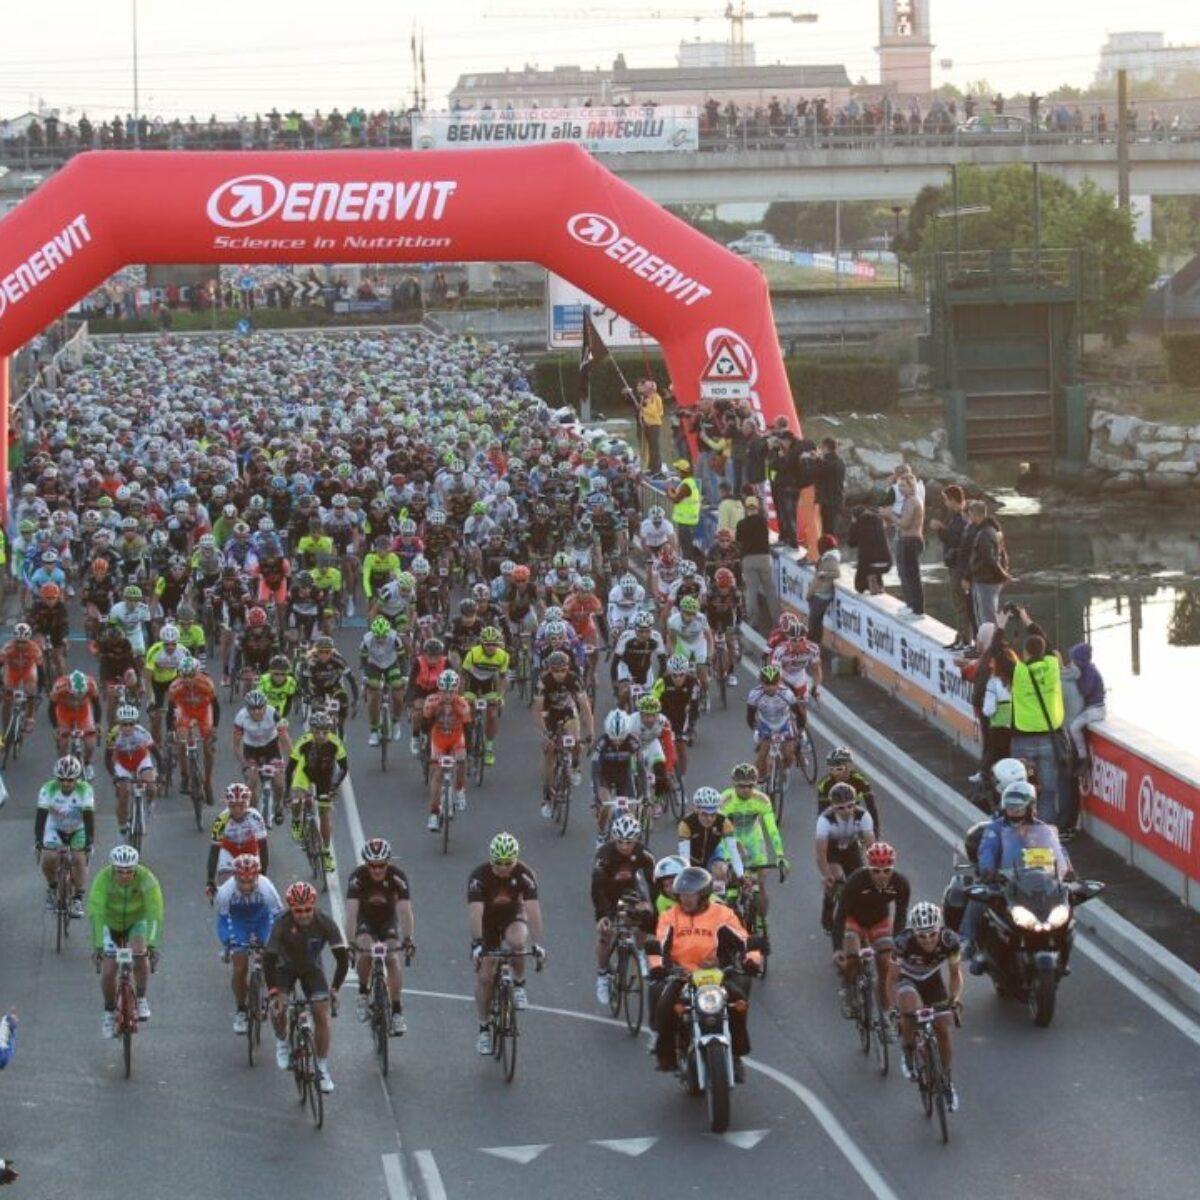 L'offerta bike dell'Emilia Romagna, con 3 tappe del Giro d'Italia, si presenta a Monaco di Baviera